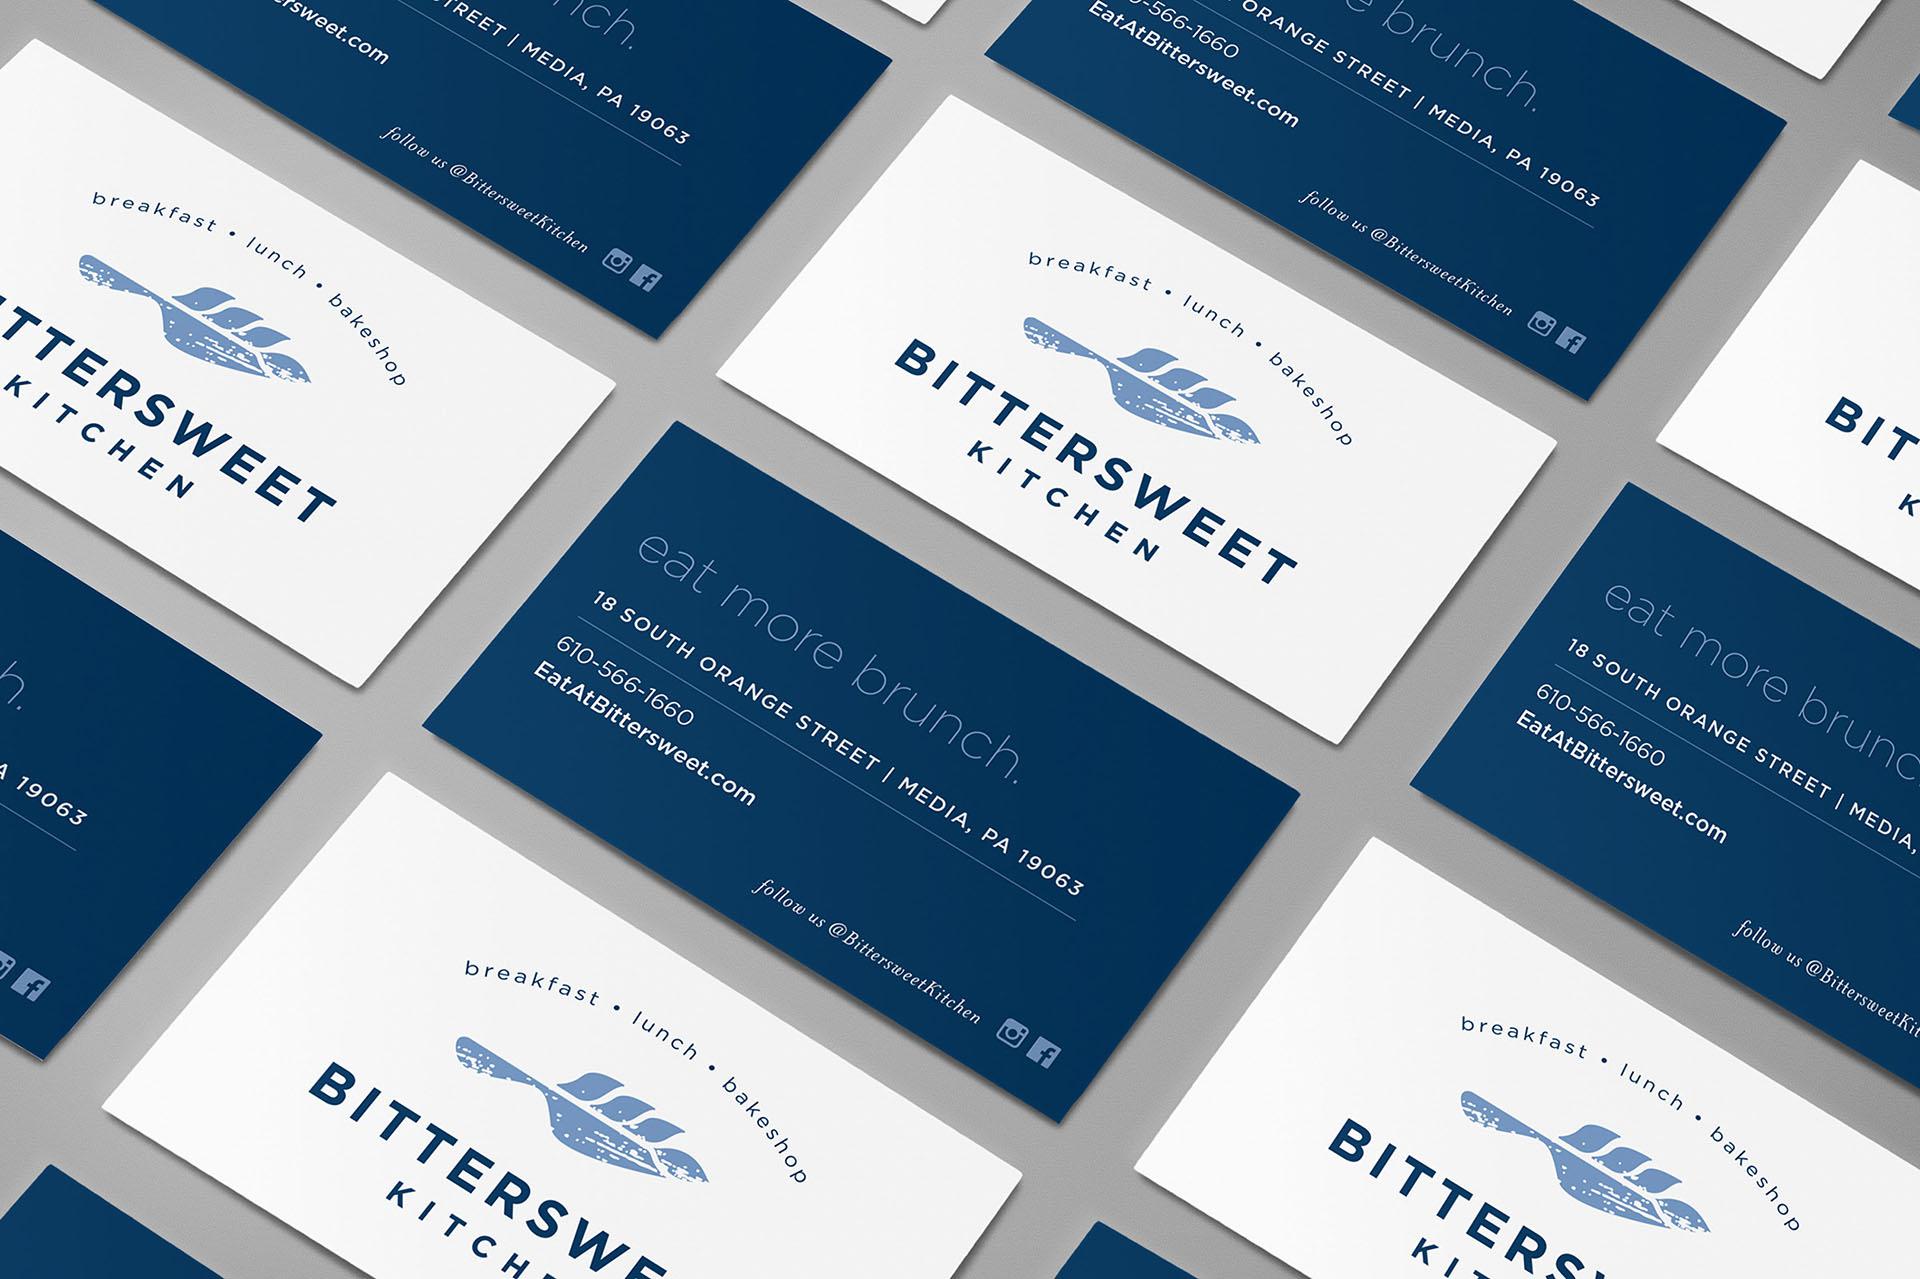 Bittersweet_2